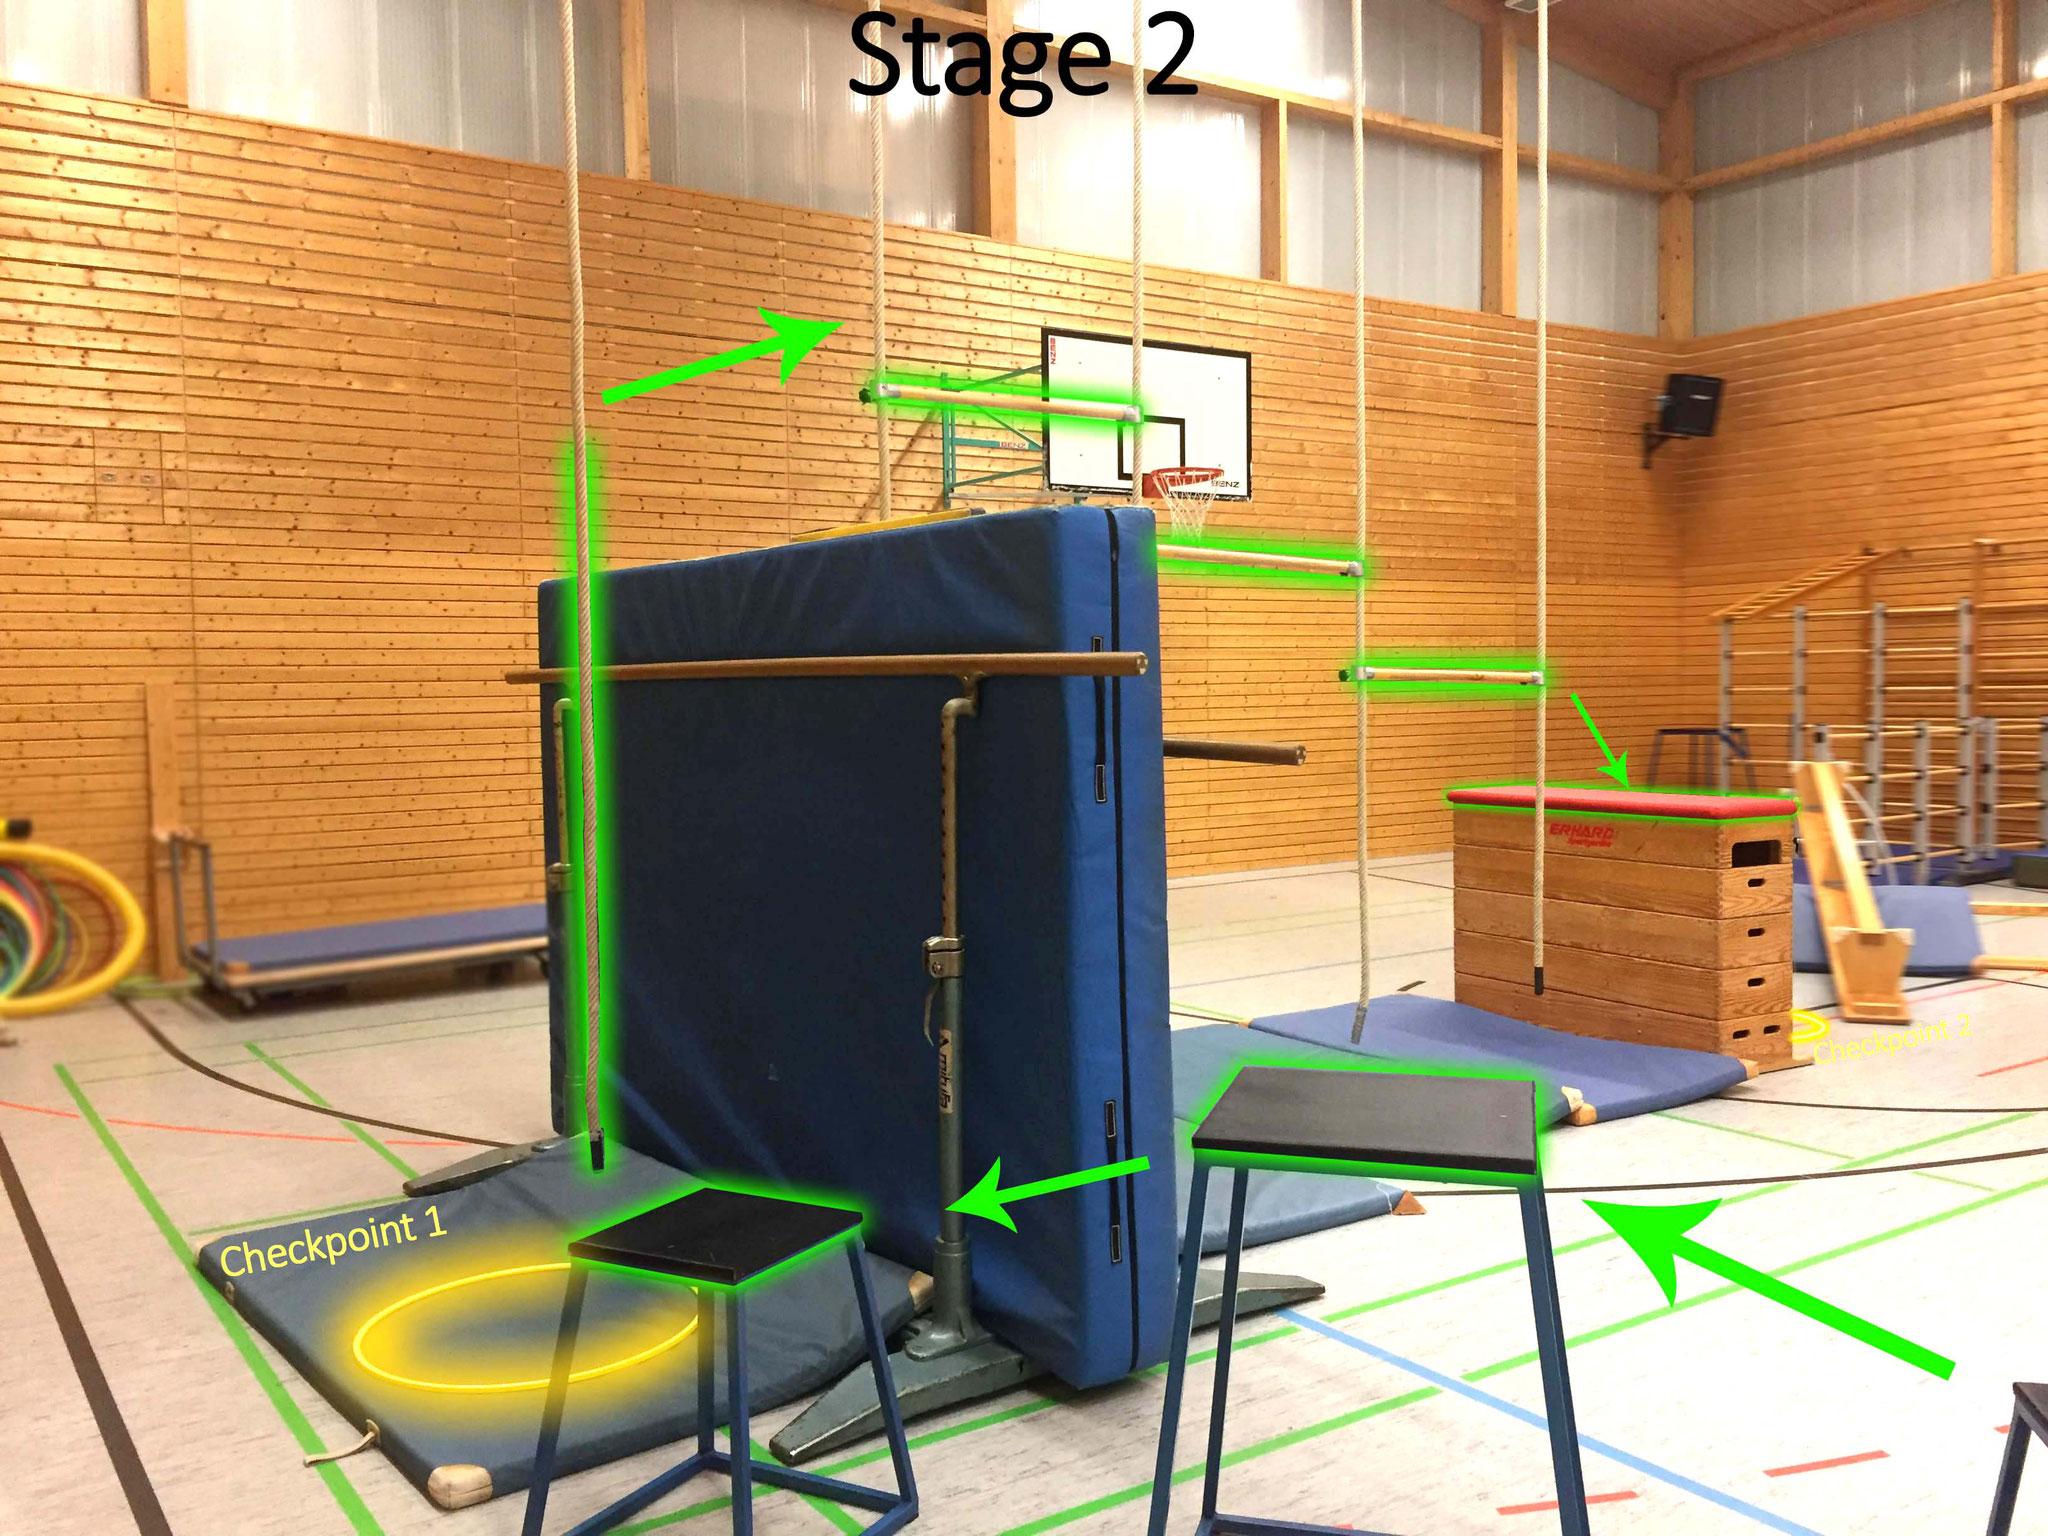 Von hier geht es über drei Podeste zum ersten Checkpoint. Für Stage 2 kletterst du an dem Seil die Mattenwand hinauf und die Seile entlang zum roten Kasten, hinter dem bereits Checkpoint 2 wartet.